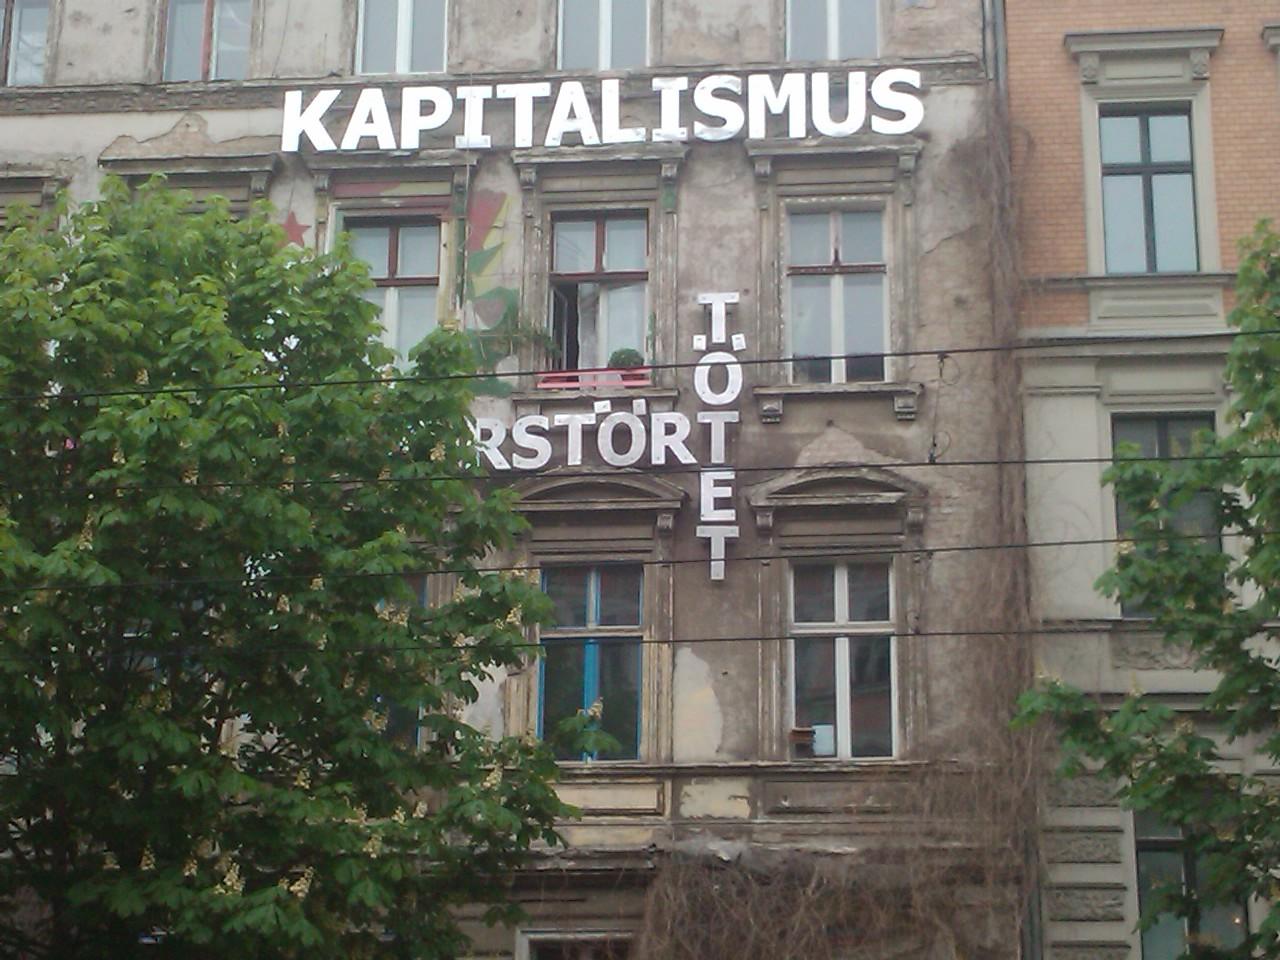 Kapitalismus stört